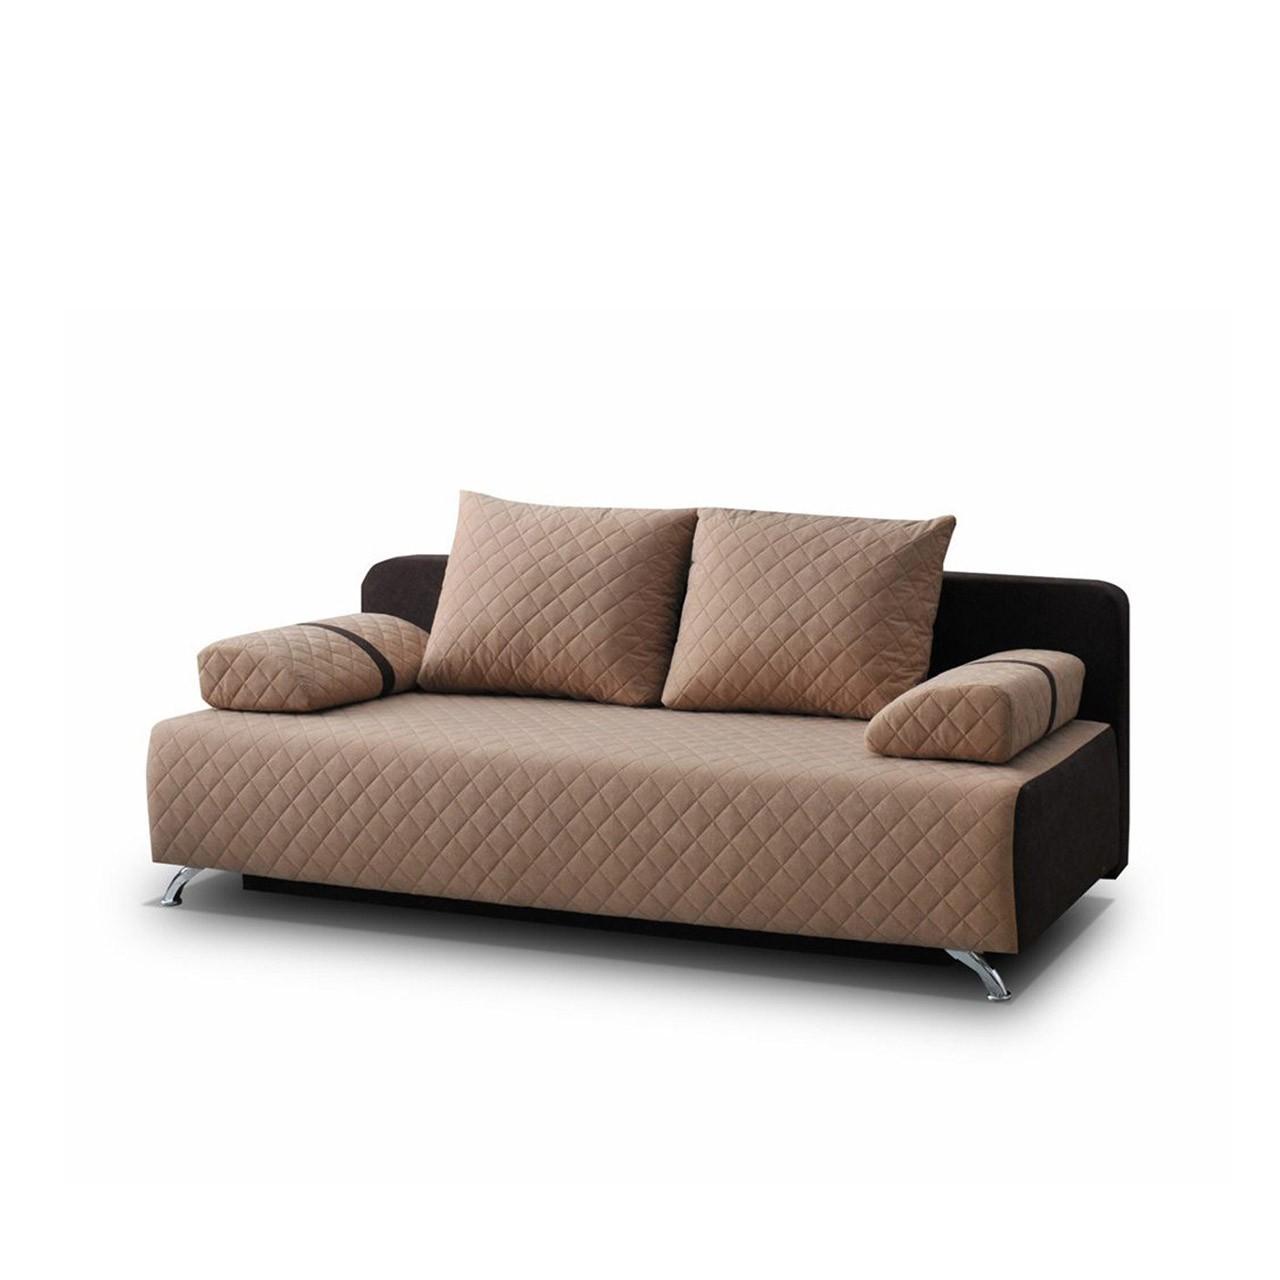 sofa ama mit schlaffunktion x moebel24. Black Bedroom Furniture Sets. Home Design Ideas